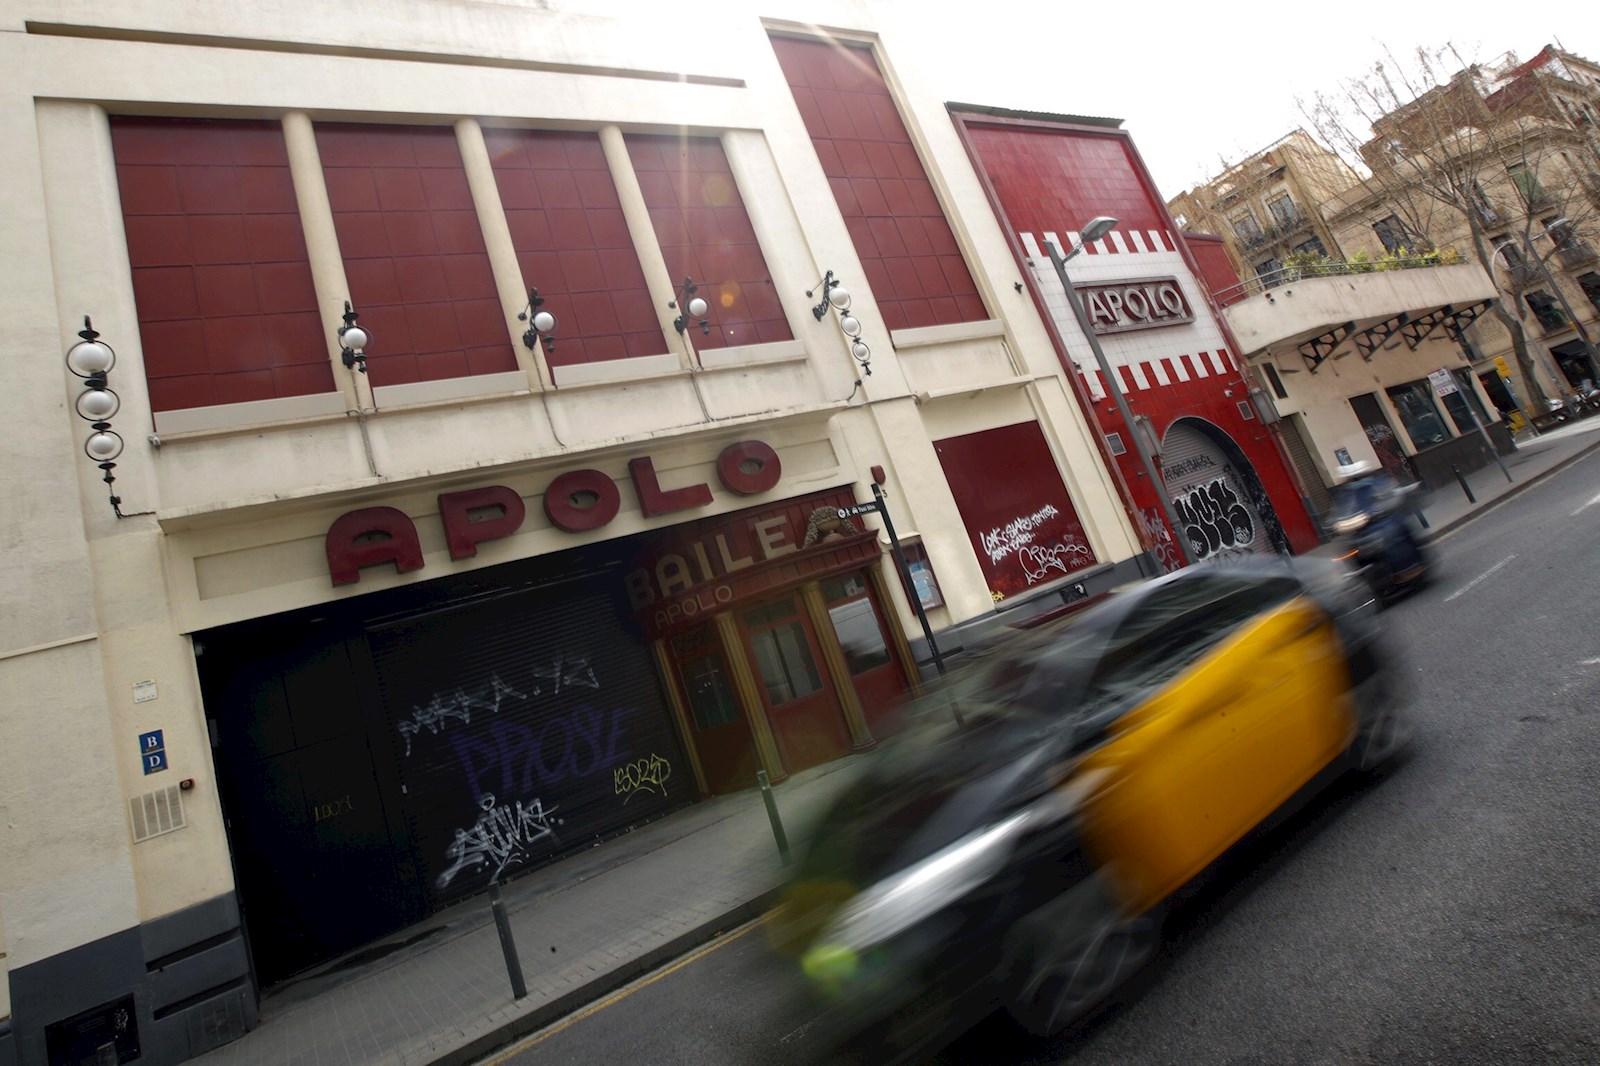 La sala Apolo, en Barcelona, cerrada por las restricciones contra el coronavirus | EFE/AG/Archivo